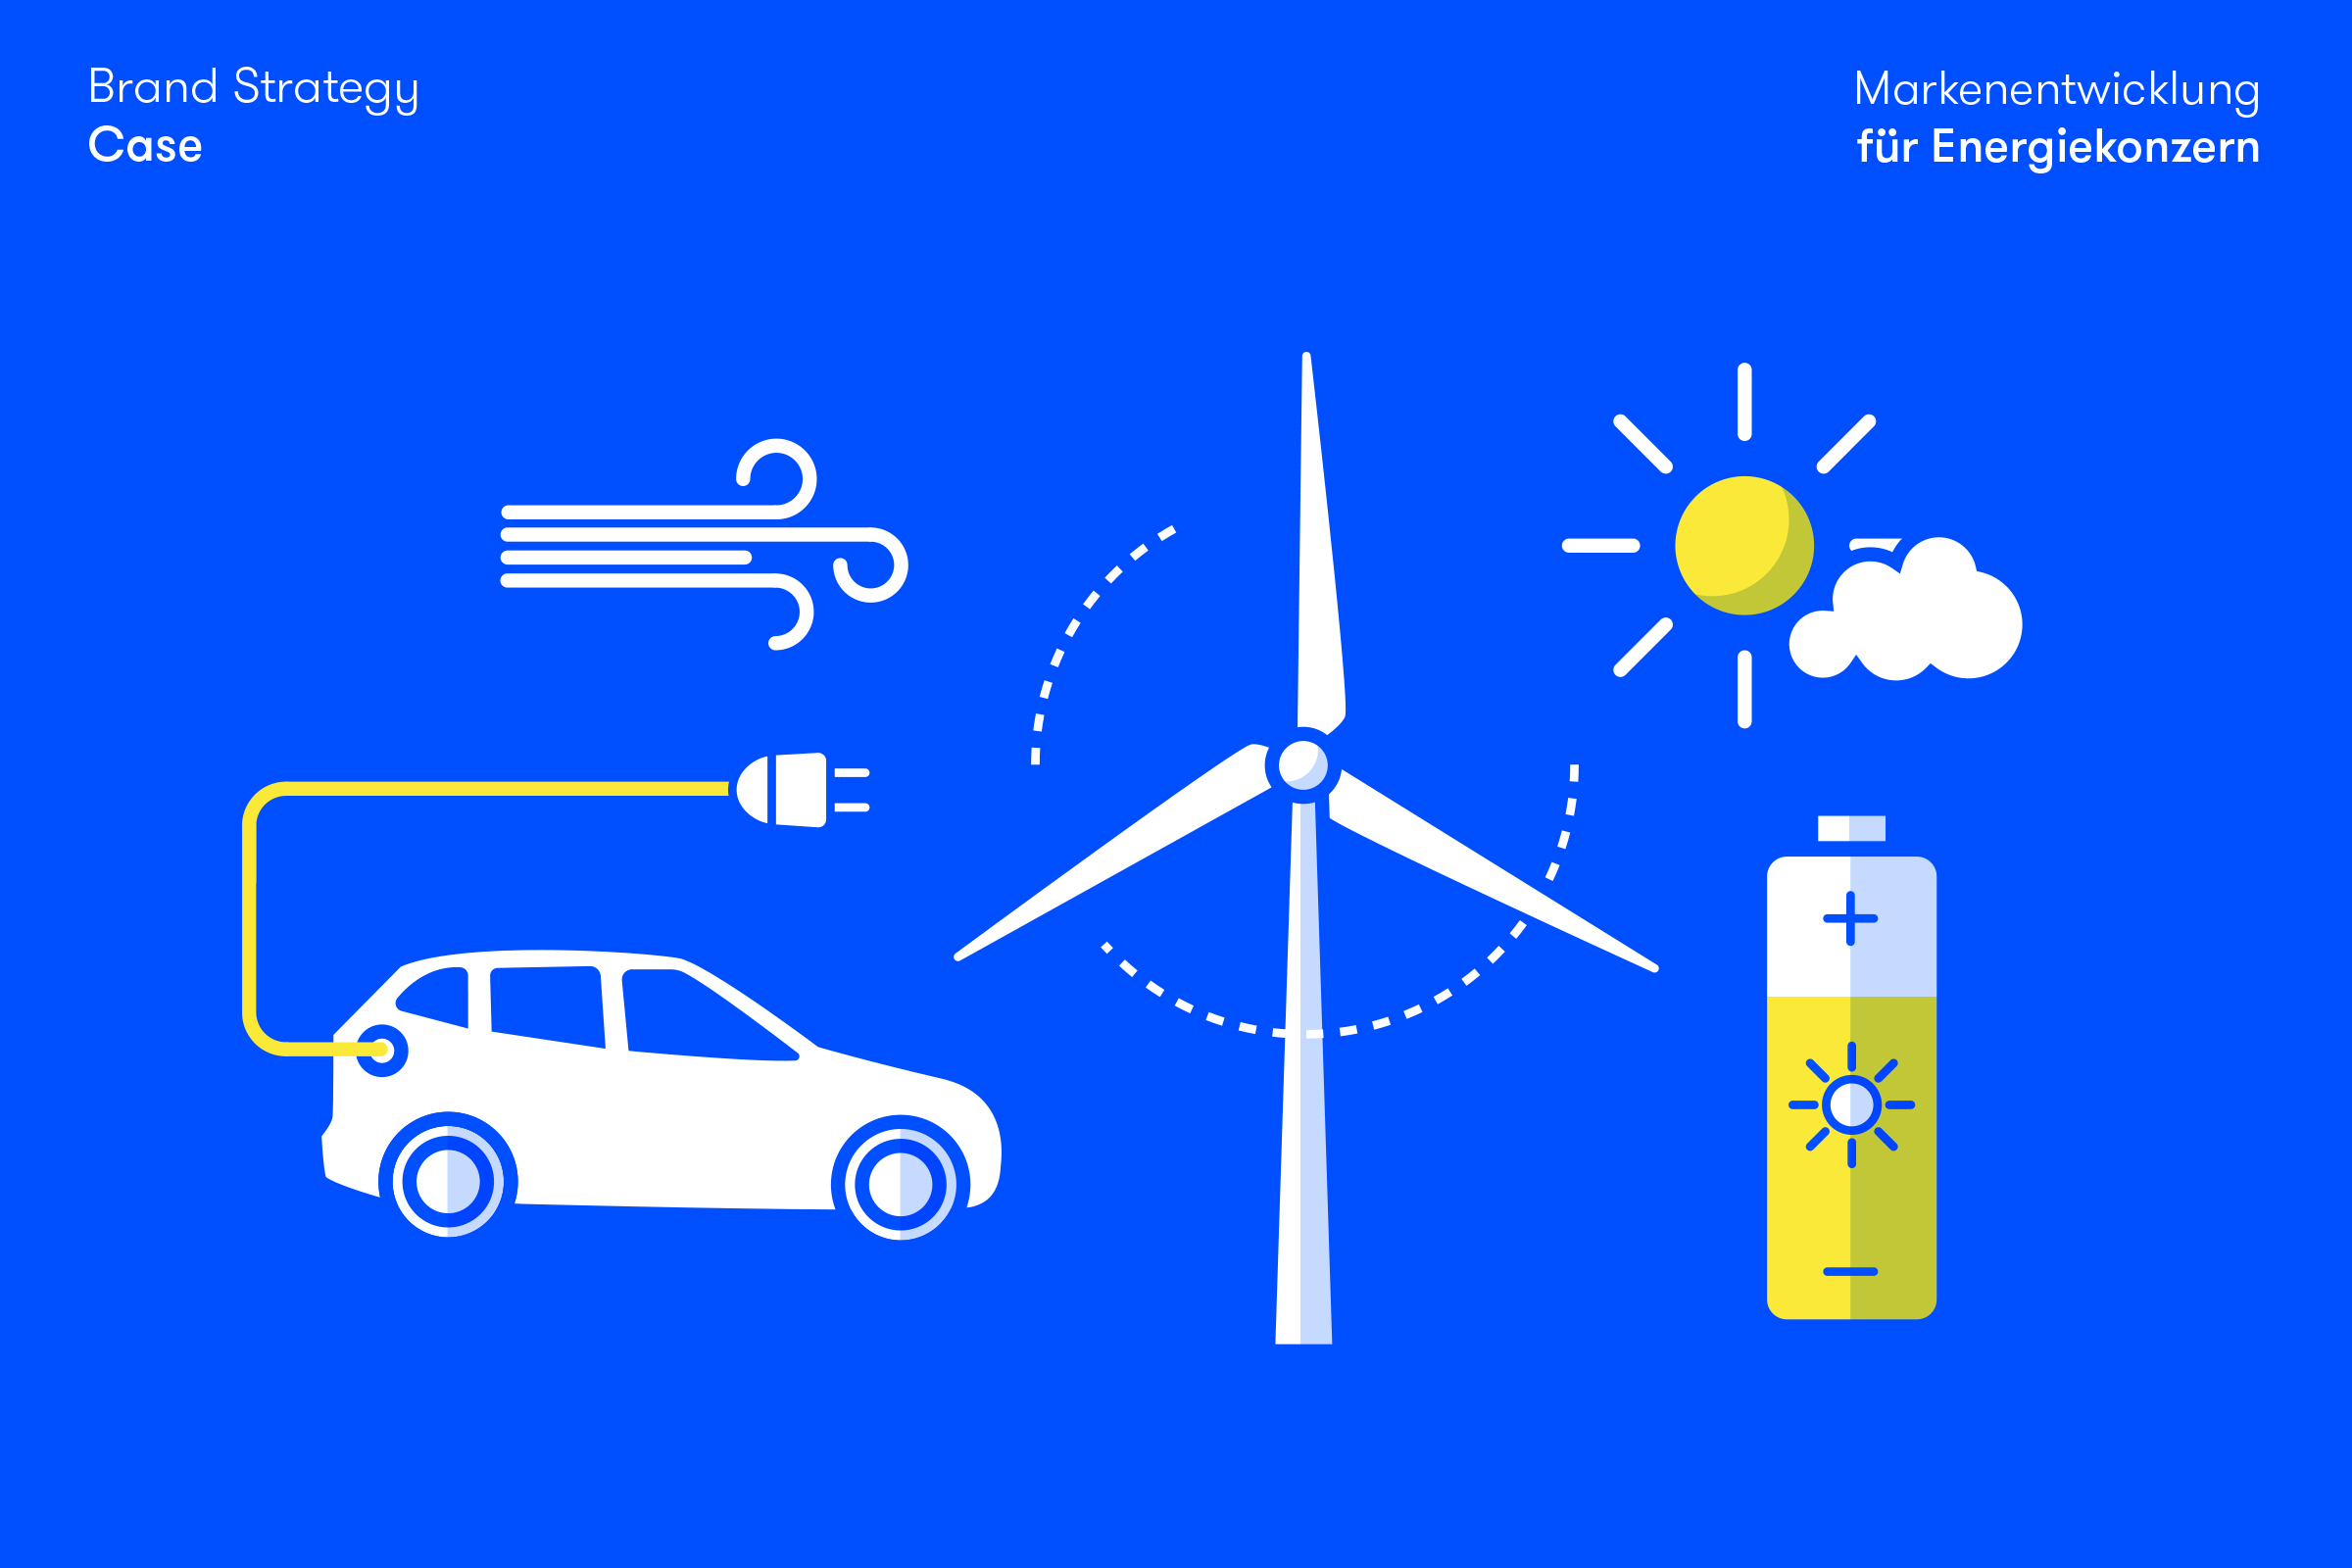 Strategie, Markenstrategie, Brand Strategy, Positionierung, Case, Energiekonzern